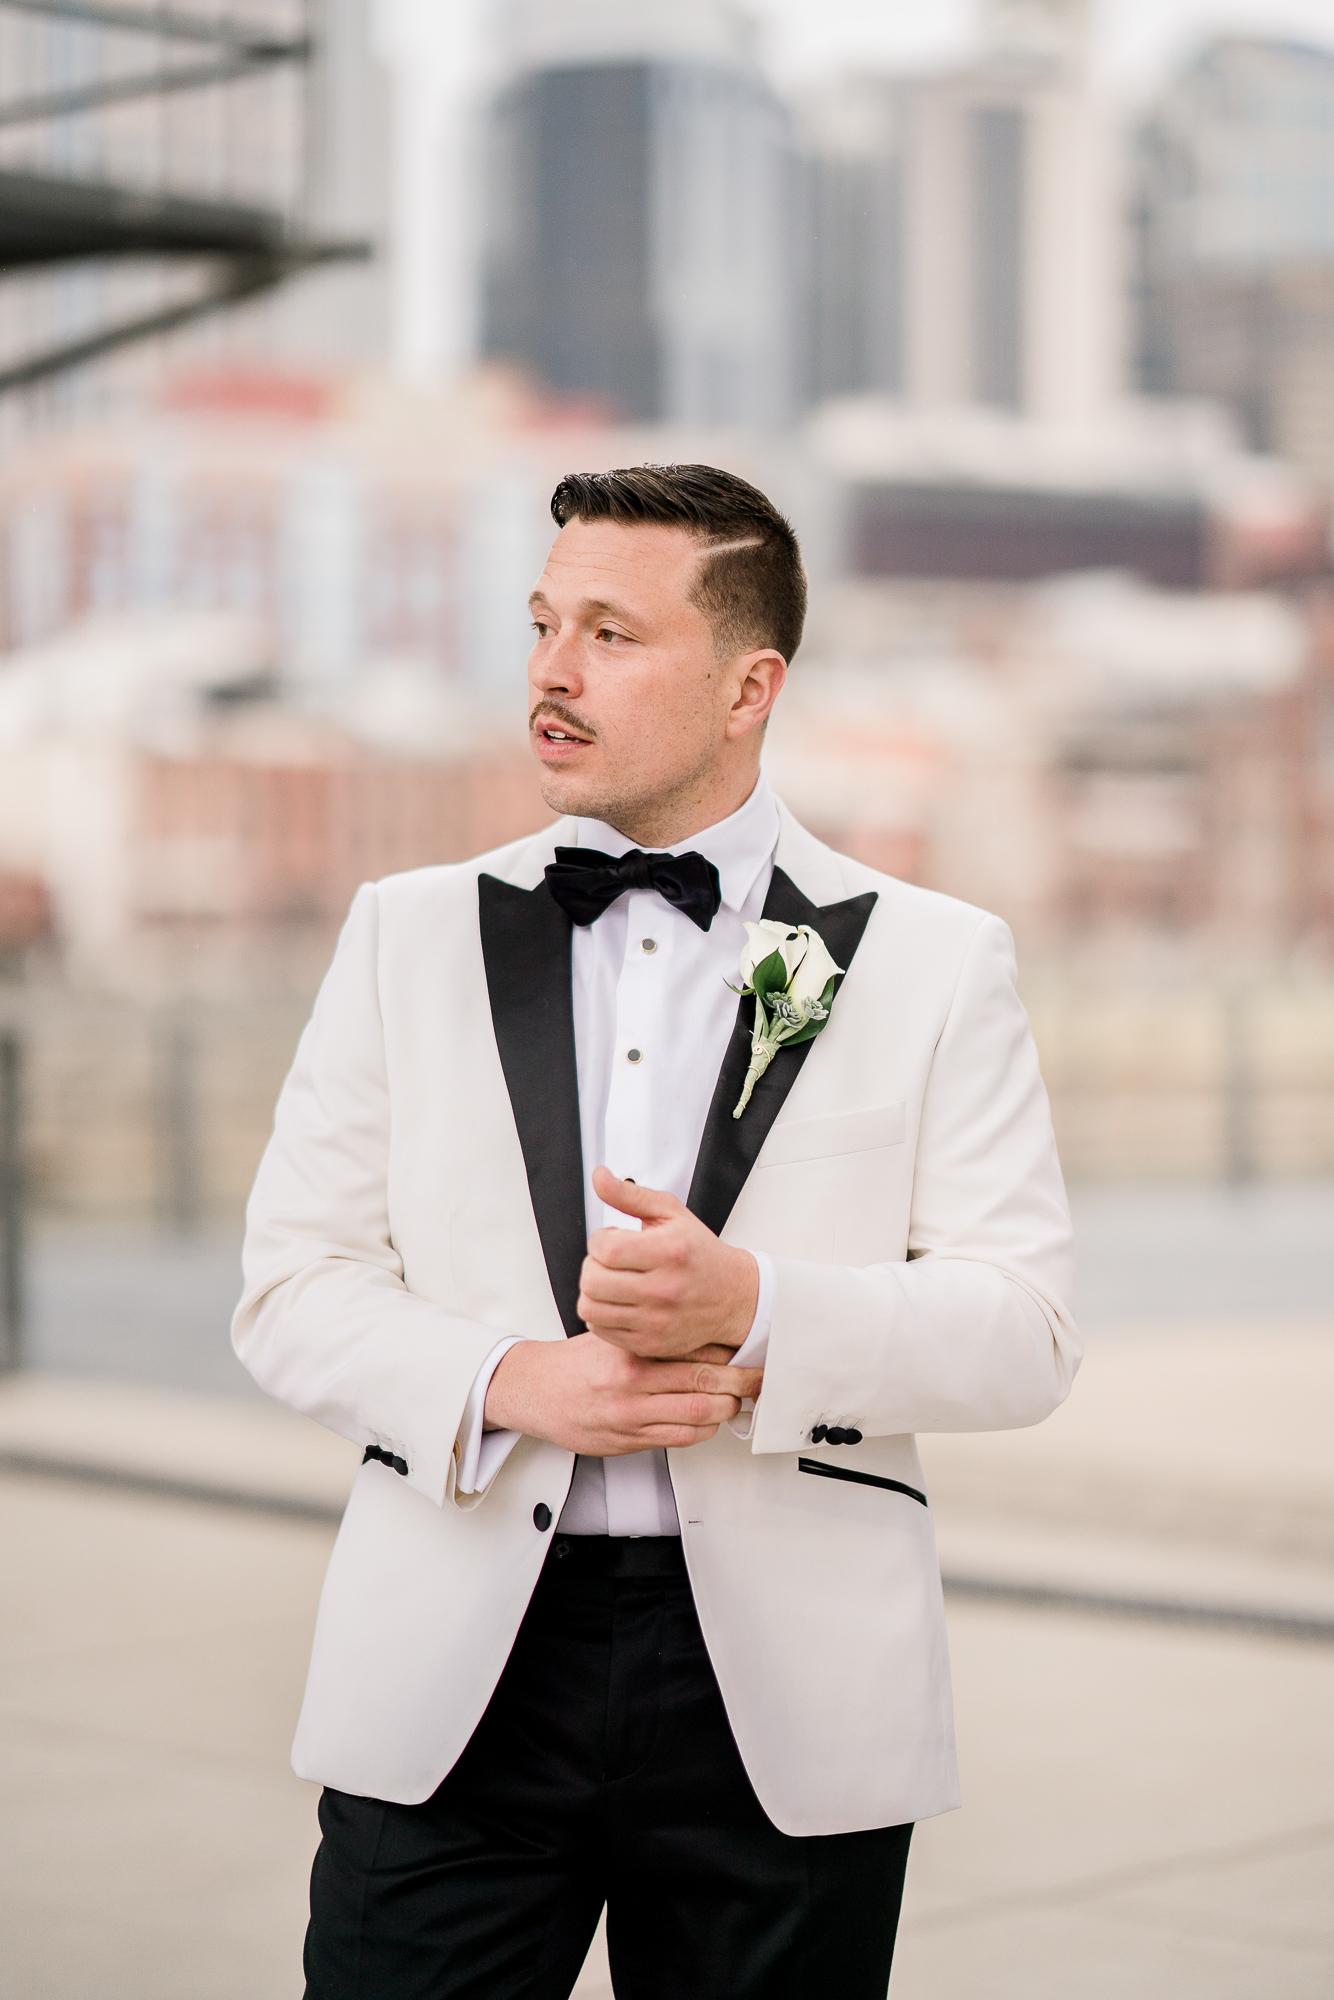 White Wedding Tuxedo Jacket   Nashville Bride Guide